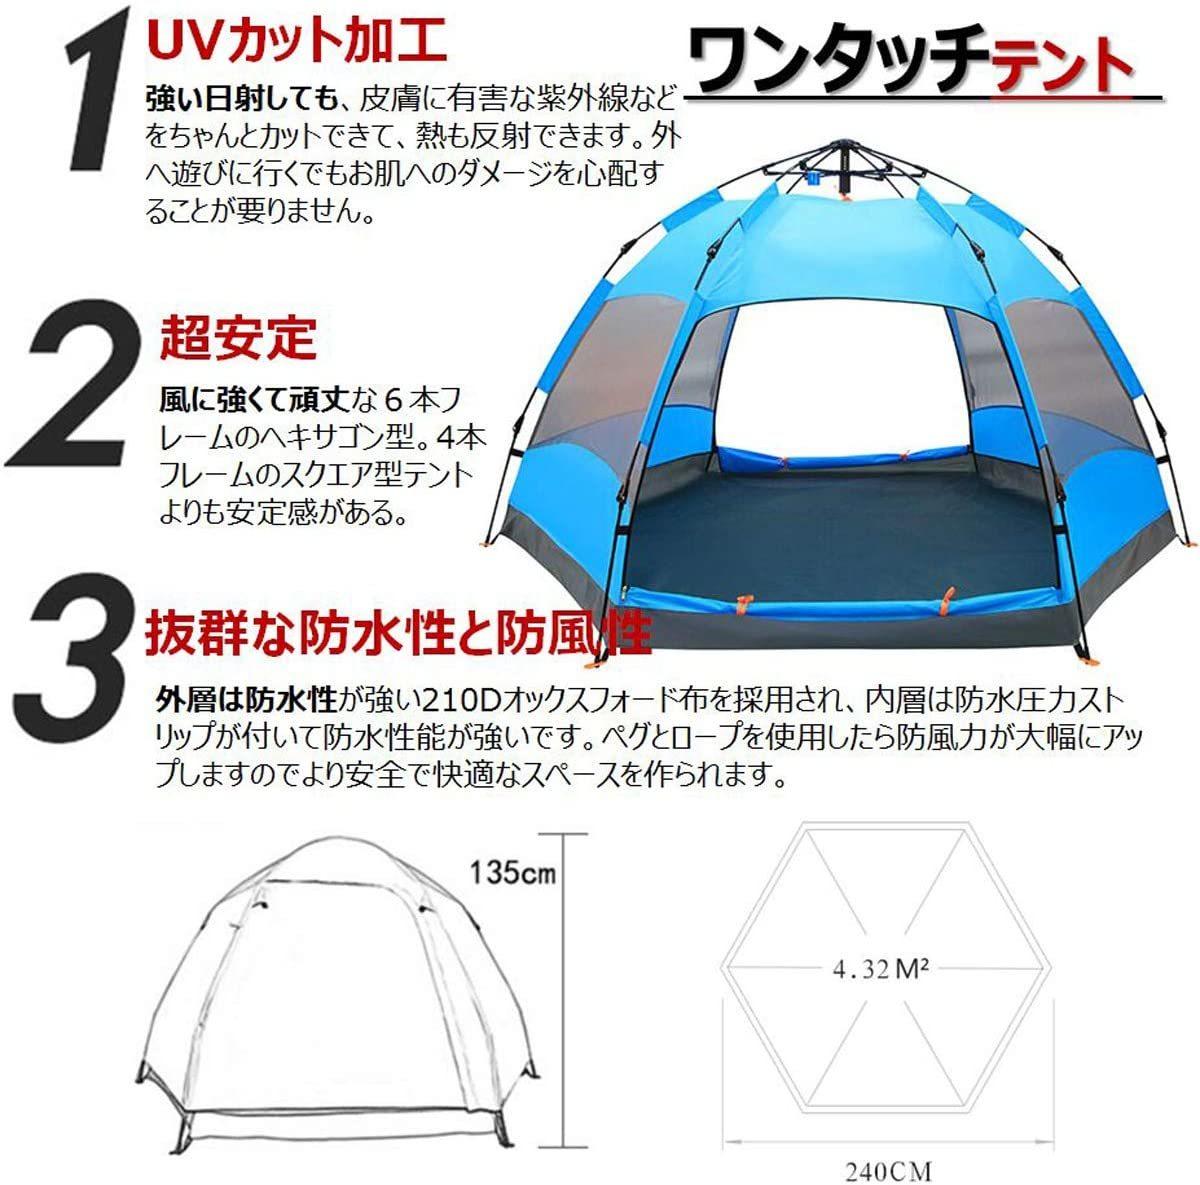 2-4人用 ワンタッチメッシュ六角形テント ブルー /二重層防風防水uvカット加工 多機能用途テント 多用途 _画像1